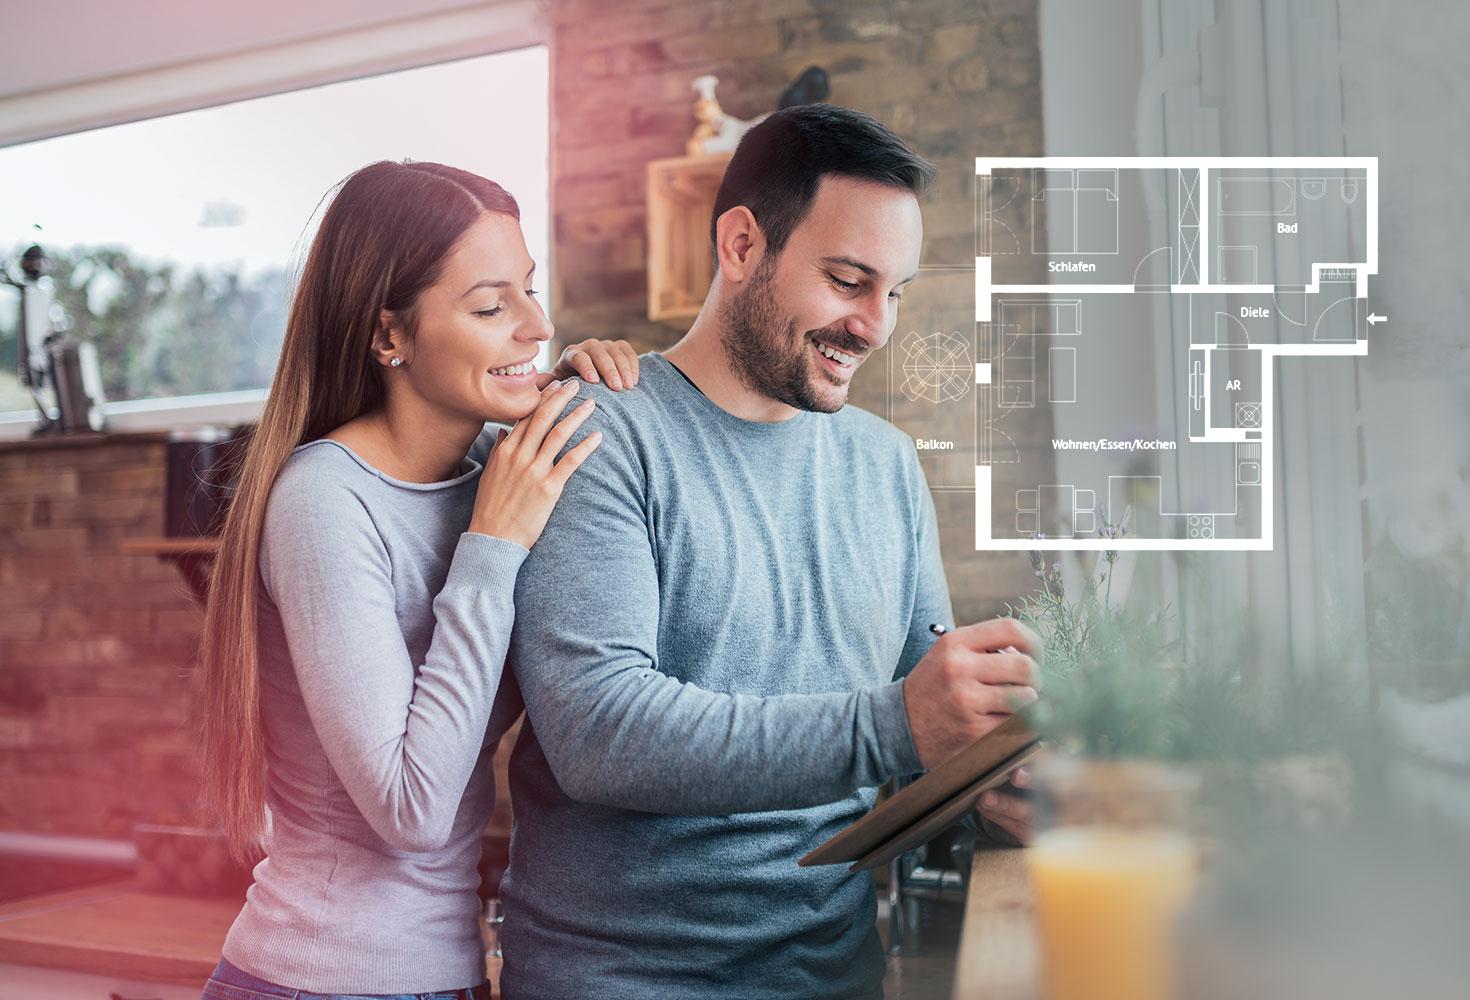 Wohnung kaufen ohne Makler – direkt beim Bauträger in Nürnberg | BAUWERKE – Liebe & Partner